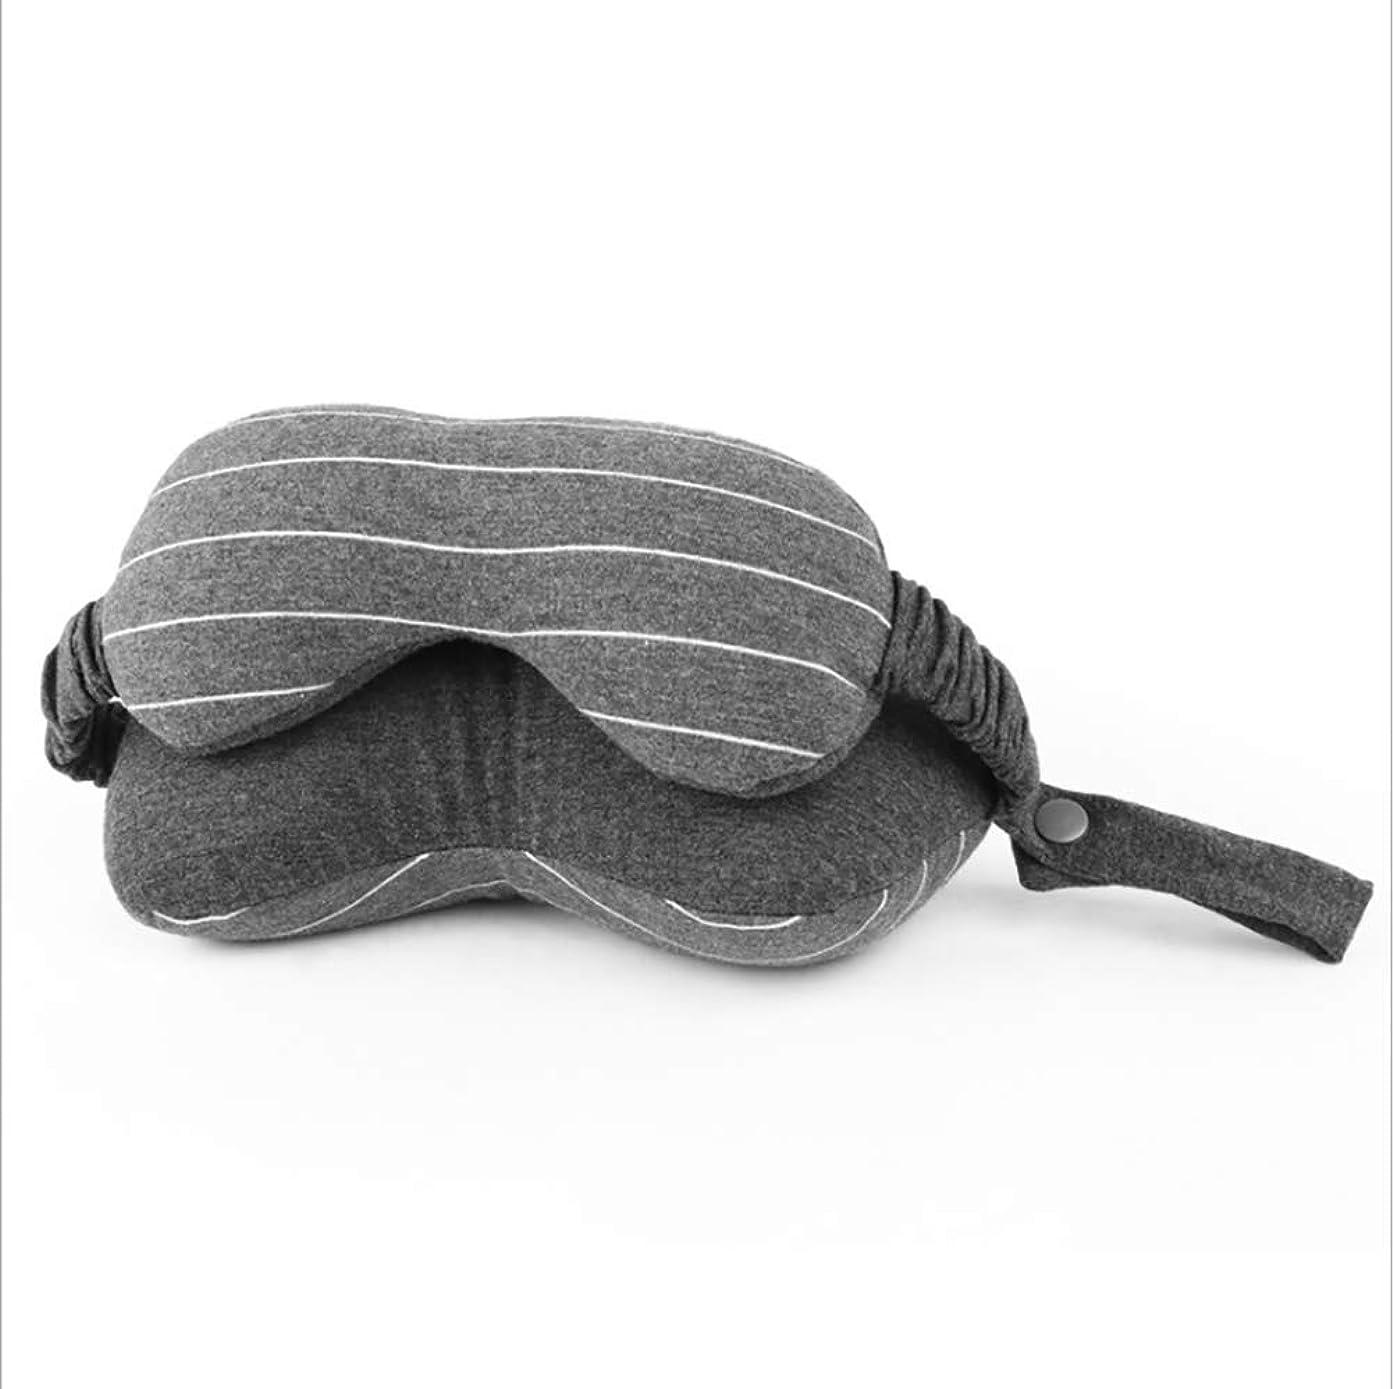 素晴らしい良い多くの代表病気アイマスクの枕旅行の睡眠に適していますストレスリリーフユニセックスフルシェーディングソフトで快適な調節可能睡眠に役立ちます